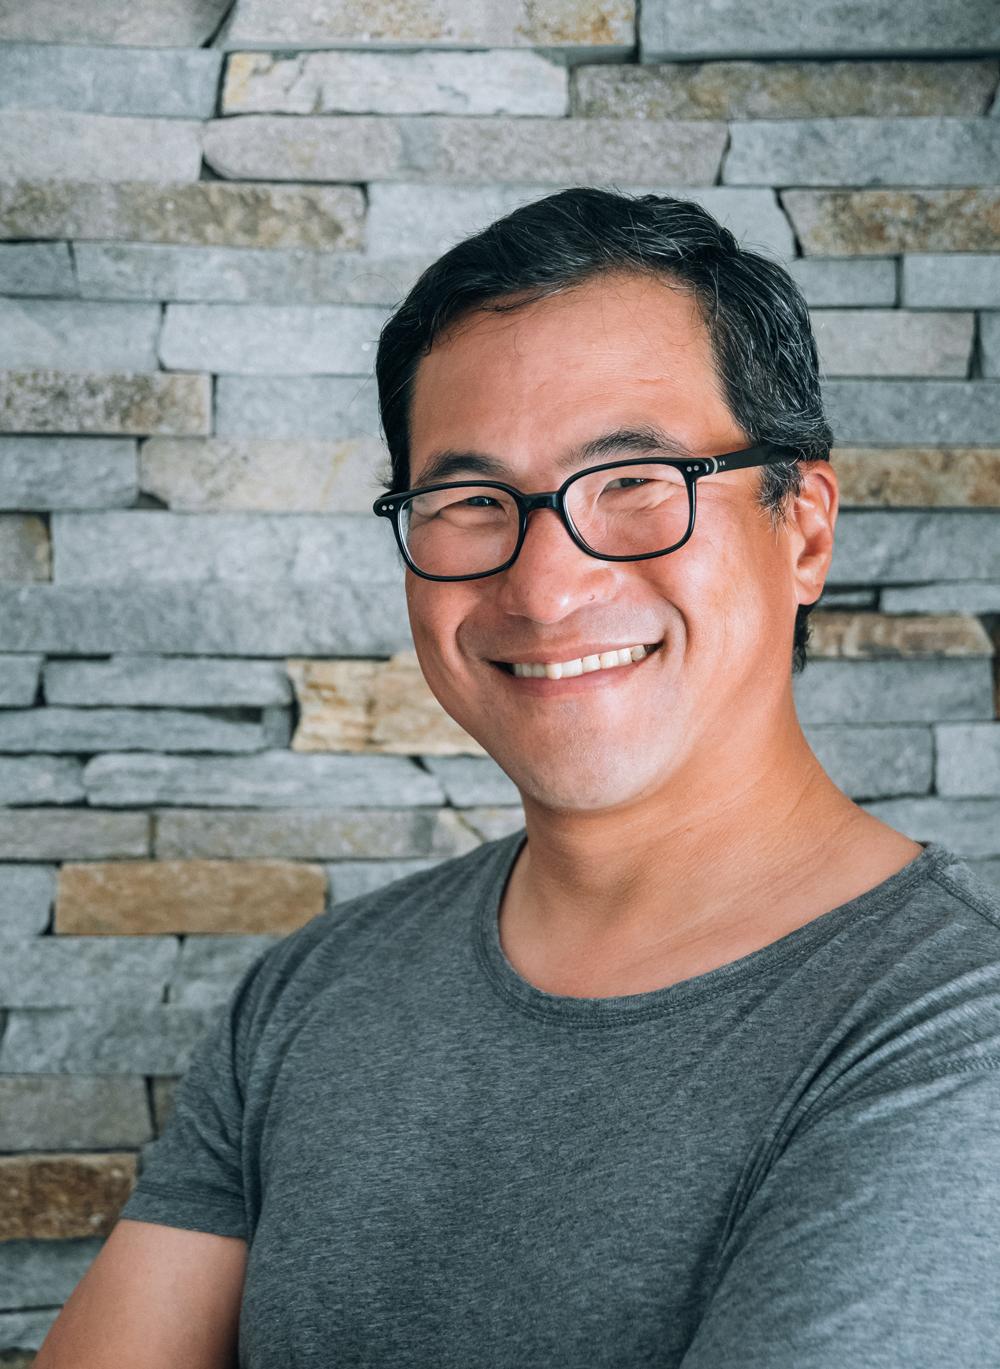 Luyen Chou